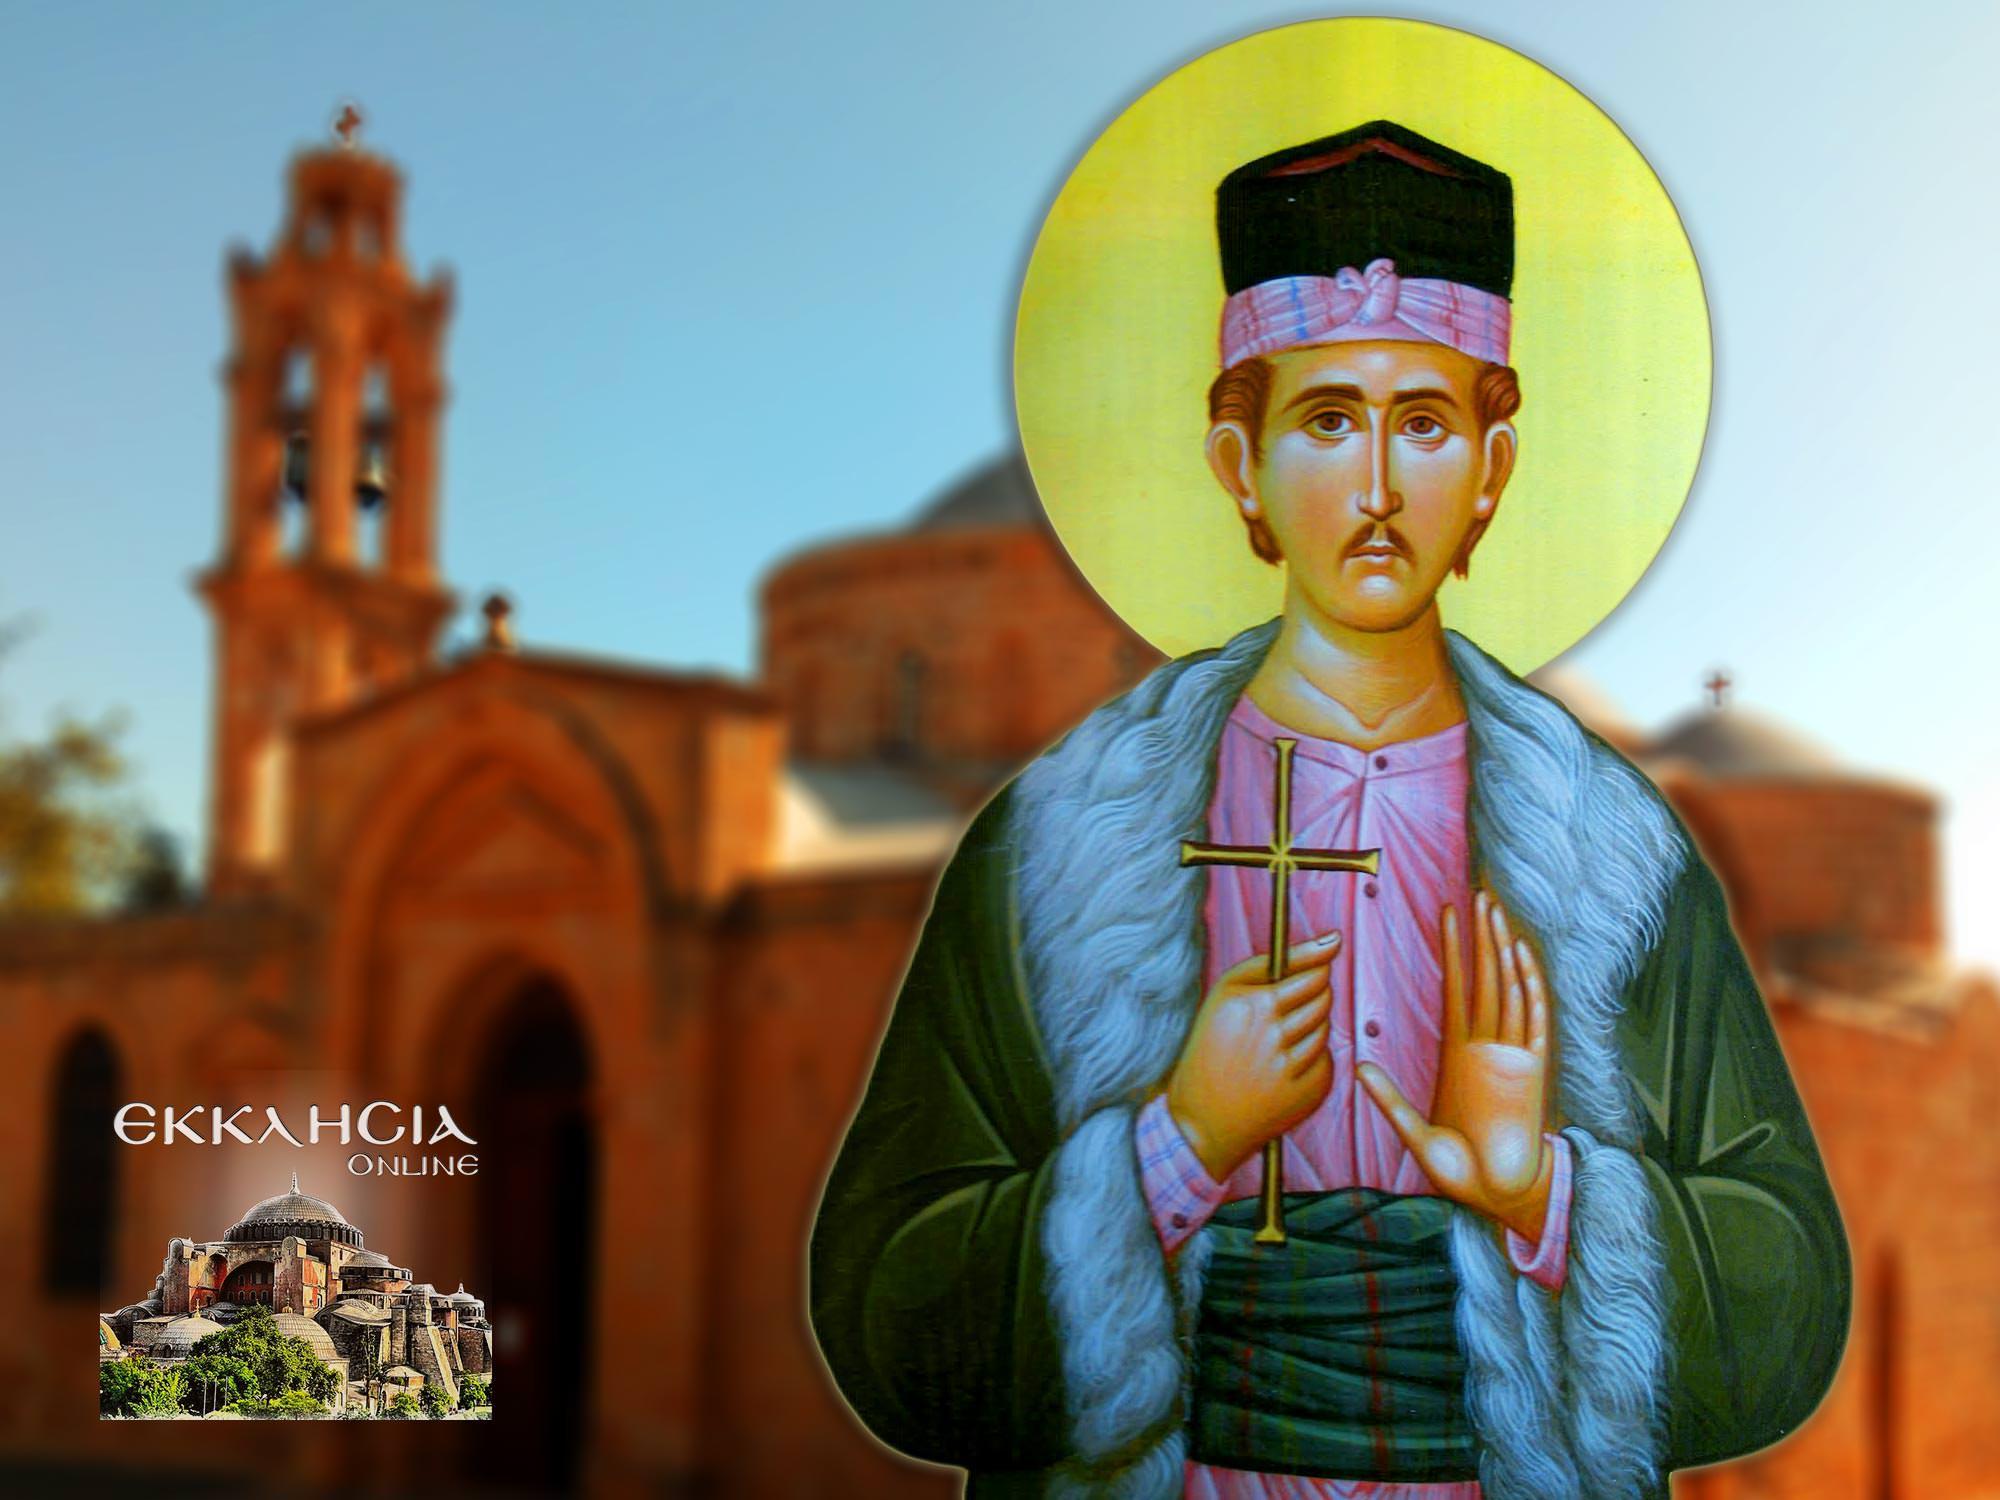 Άγιος Γεώργιος ο Κύπριος ο Νεομάρτυρας 23 Απριλίου